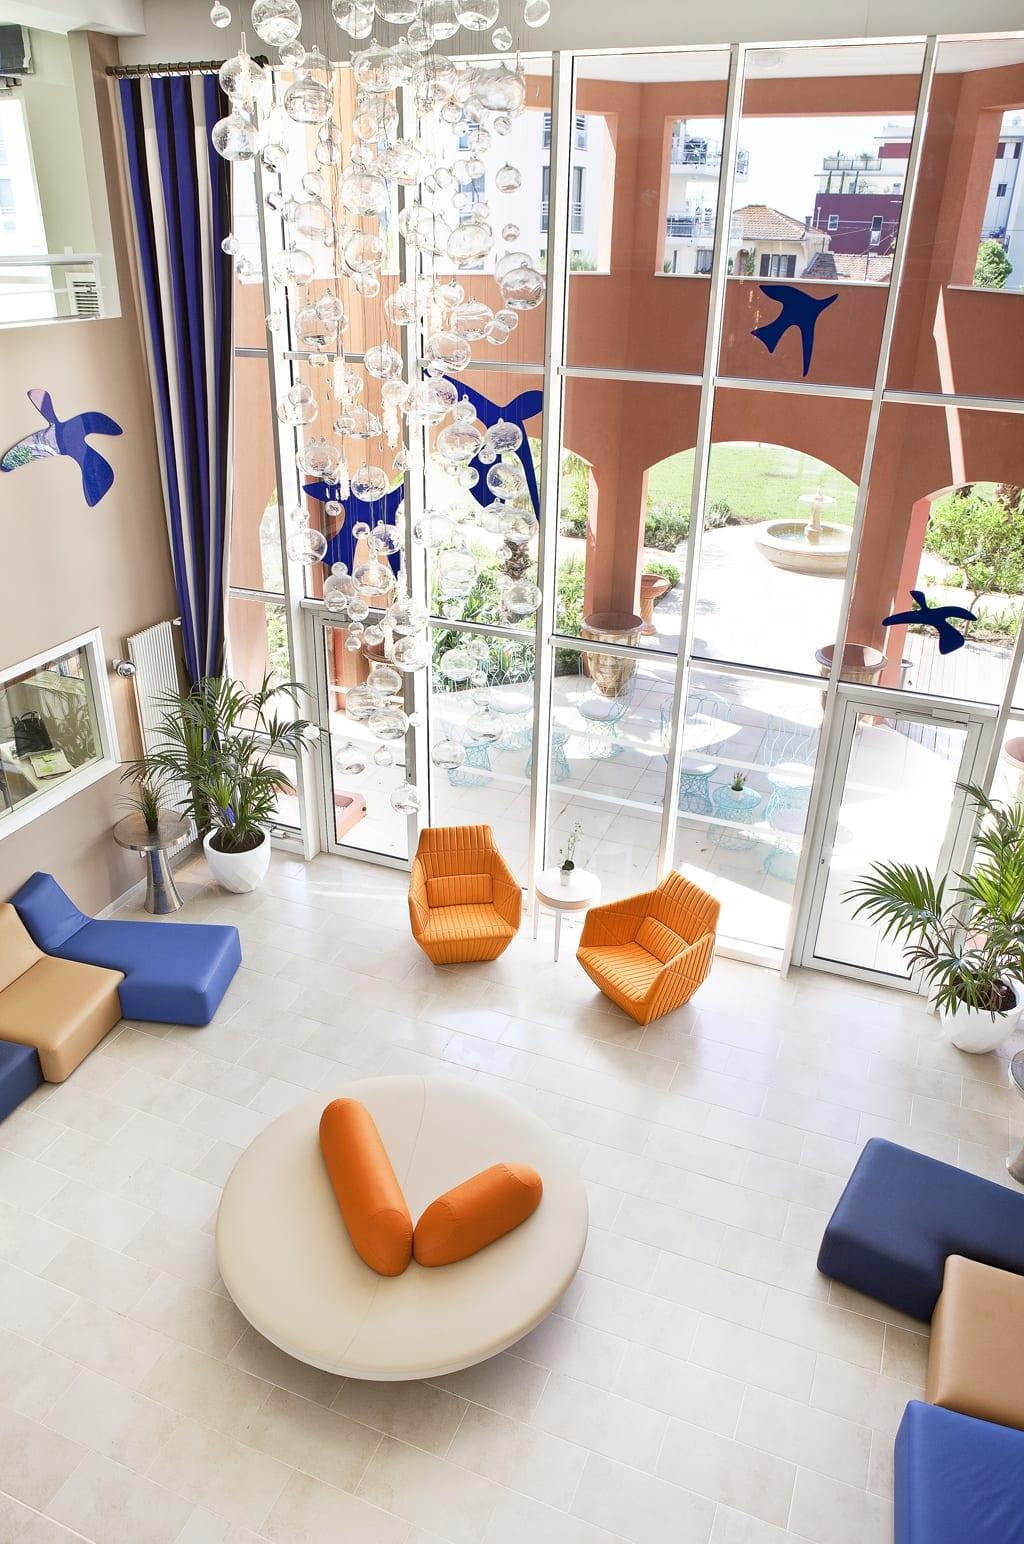 Architecte D Intérieur Cannes résidence les gabres à cannes : un ehpad signé pierre henri